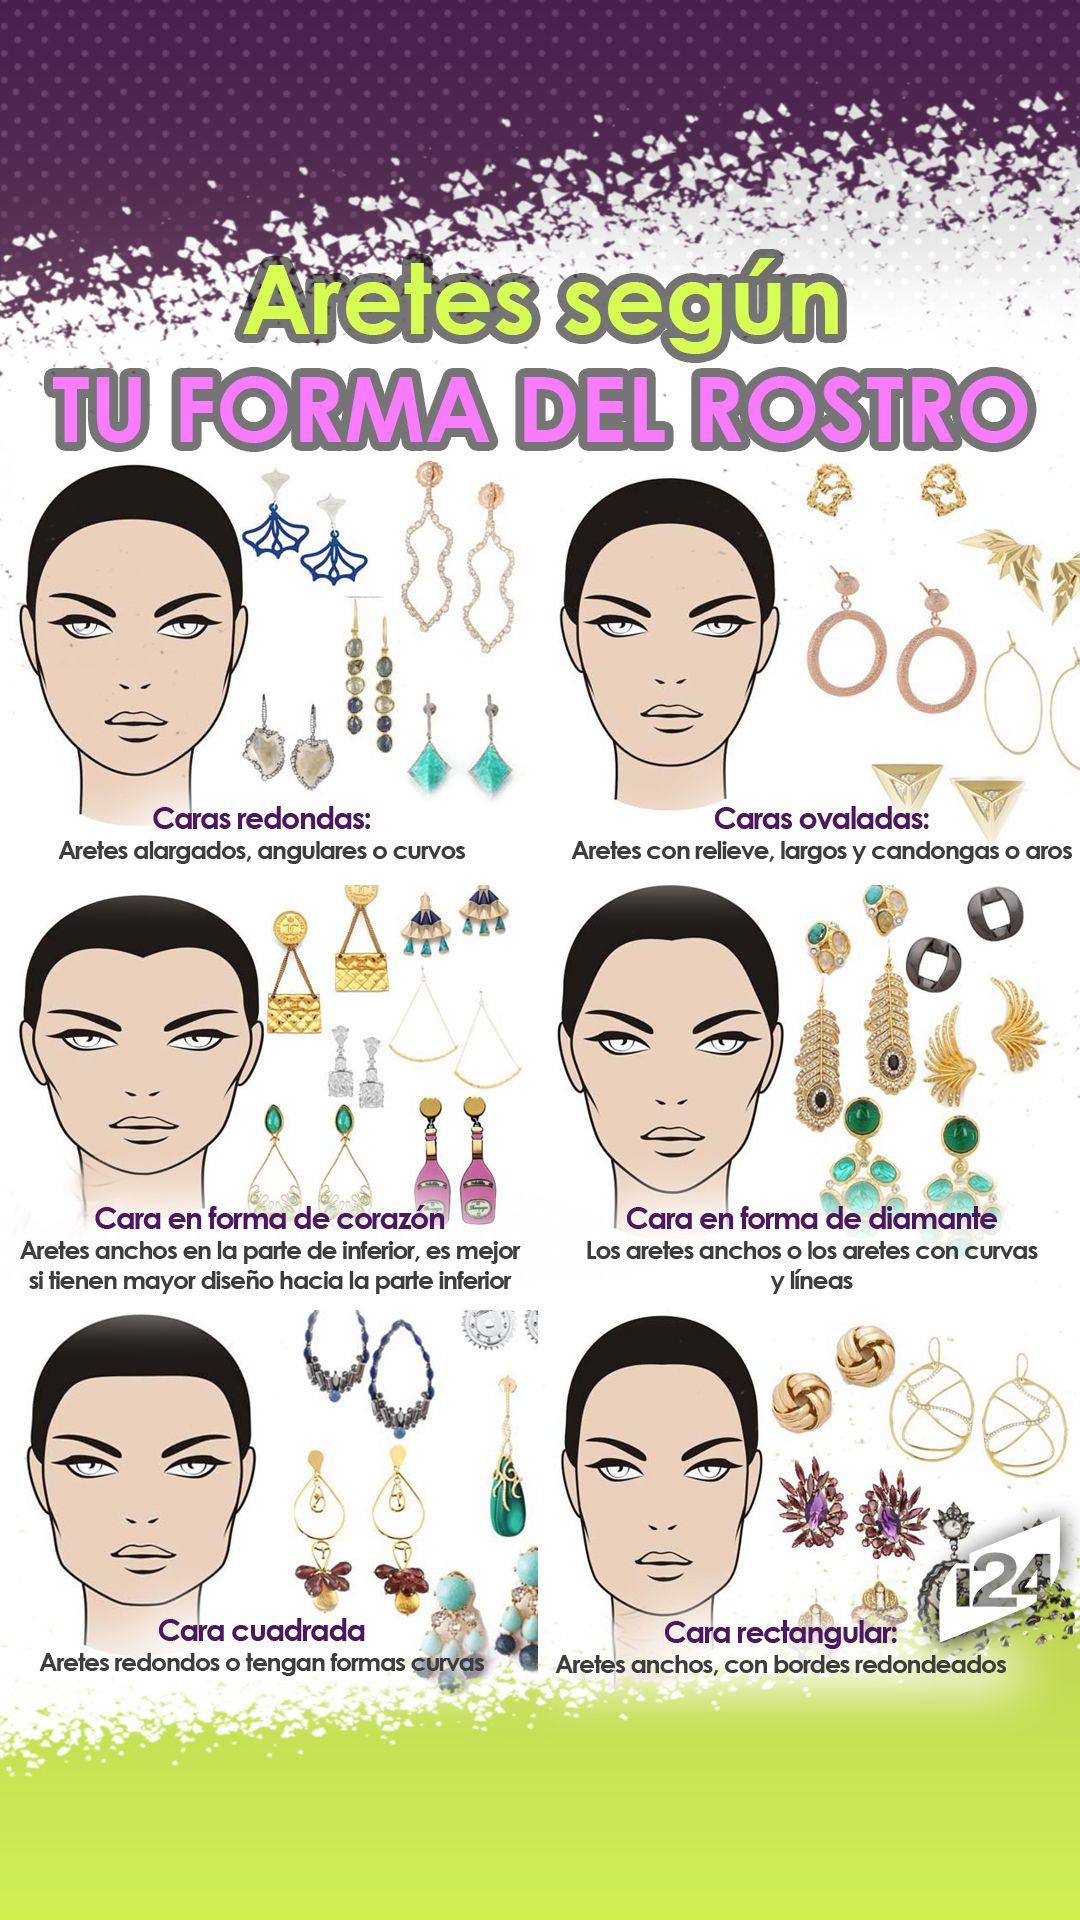 ab49aa8abcaa Escoge con cuidado 💅 argollas  pendientes  zarcillos  accesorios  prendas   moda  fashion  chic  trendly  piel  belleza  beauty  beautyfull  mujer   cuidados ...